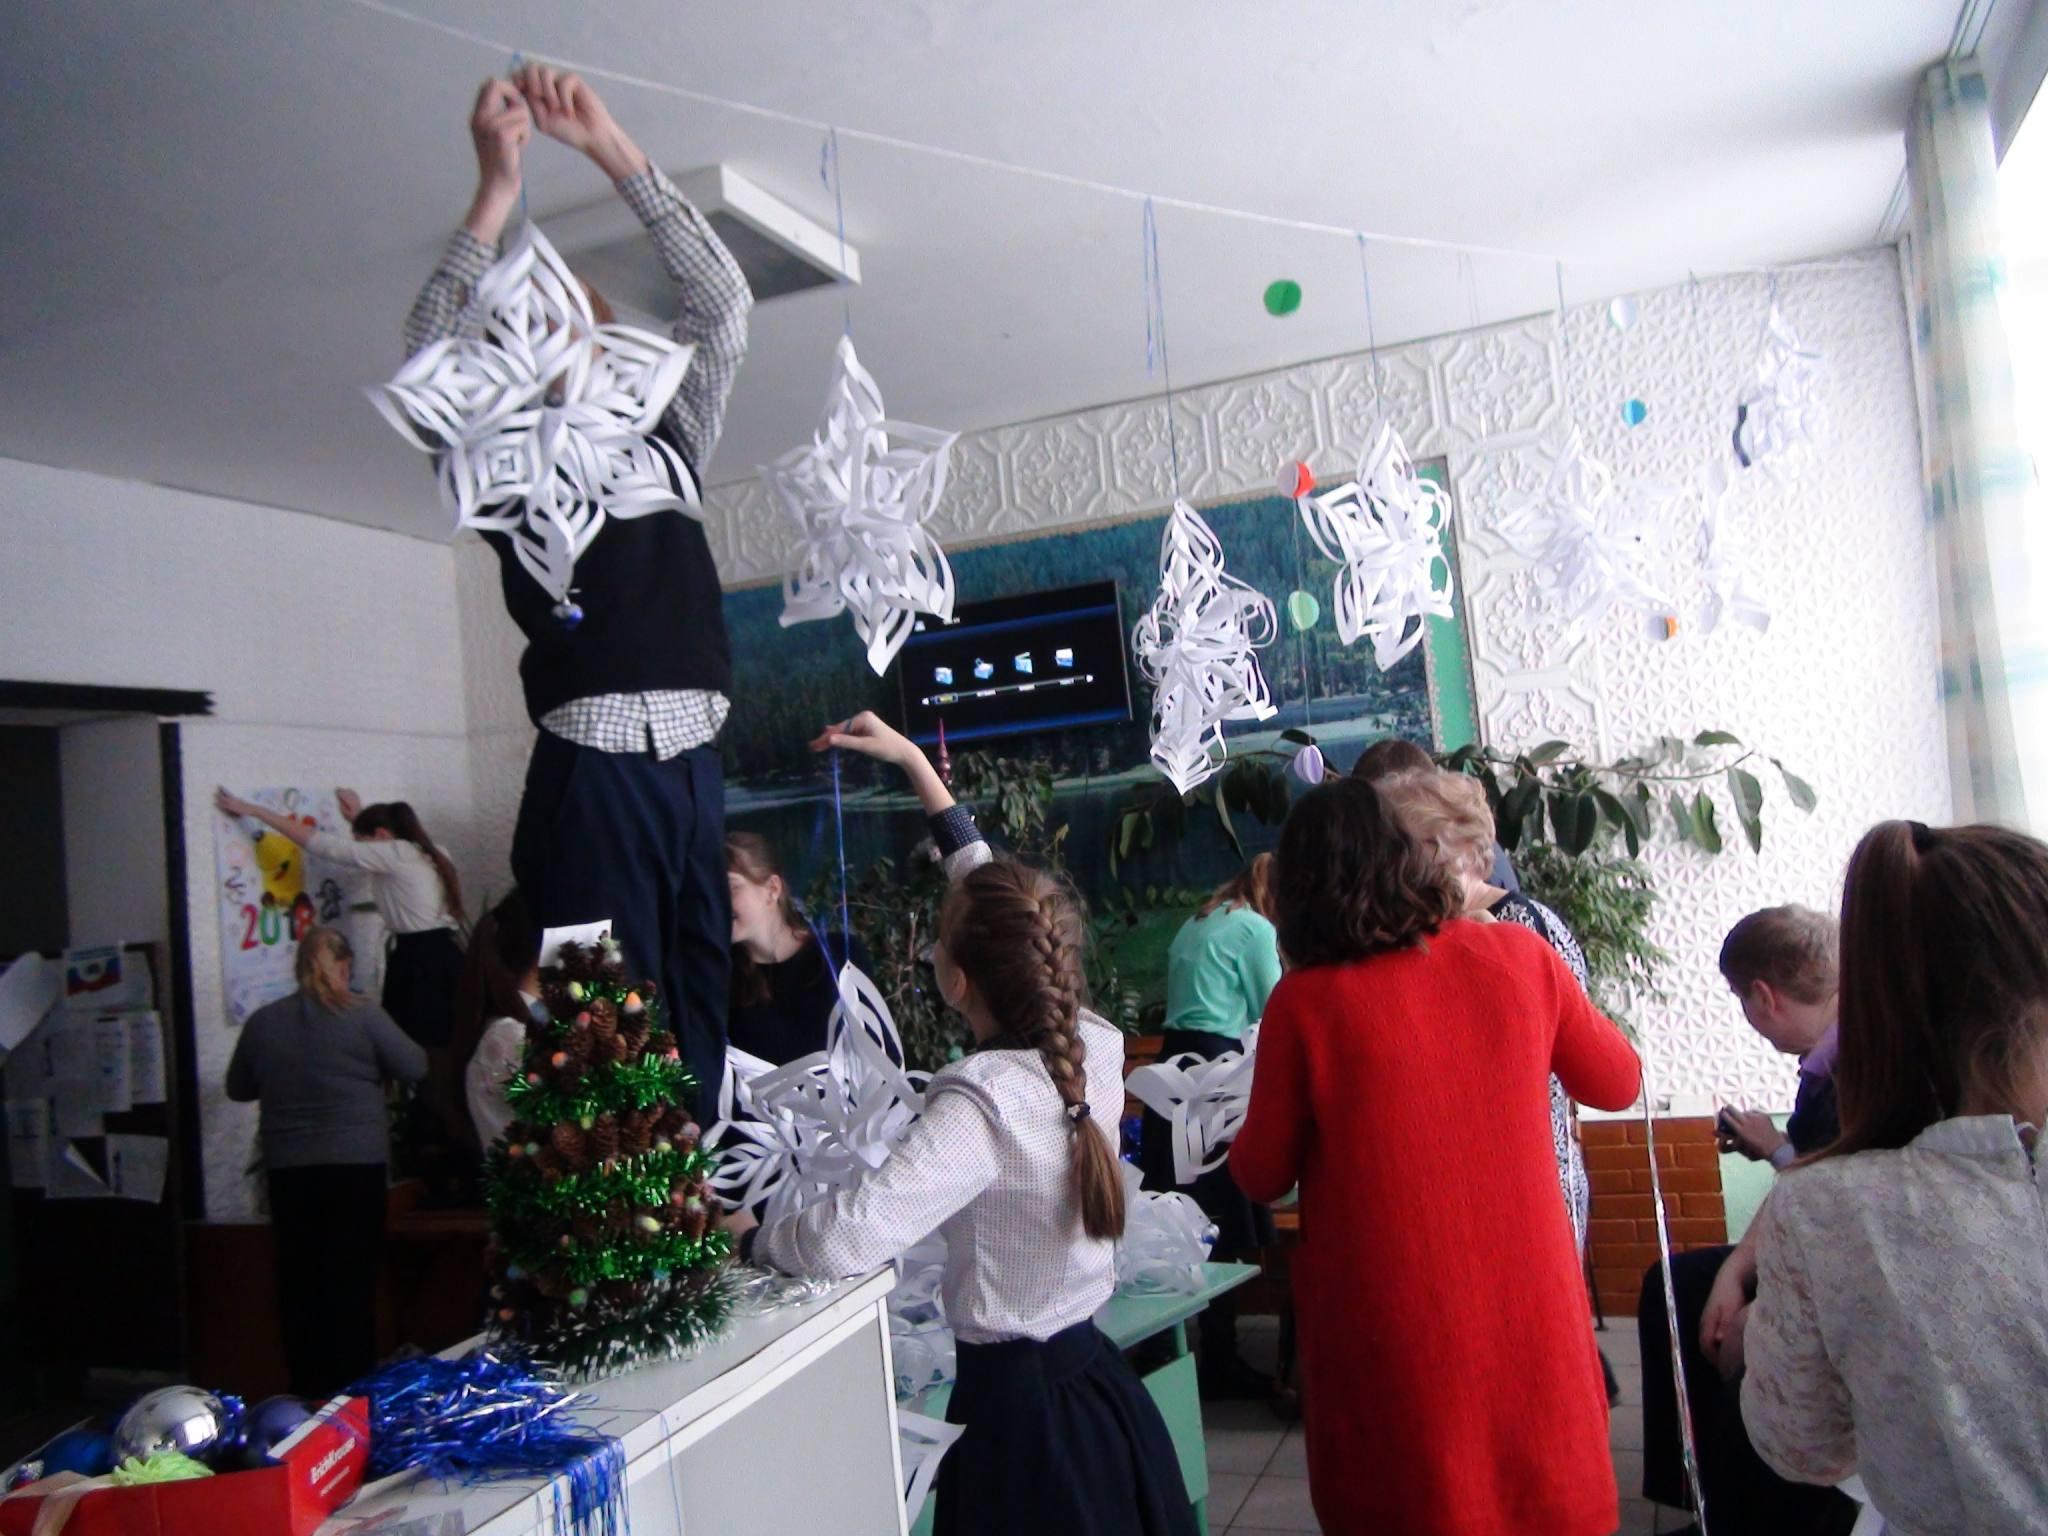 Полным ходом идет украшение школы к Новогодним утренникам